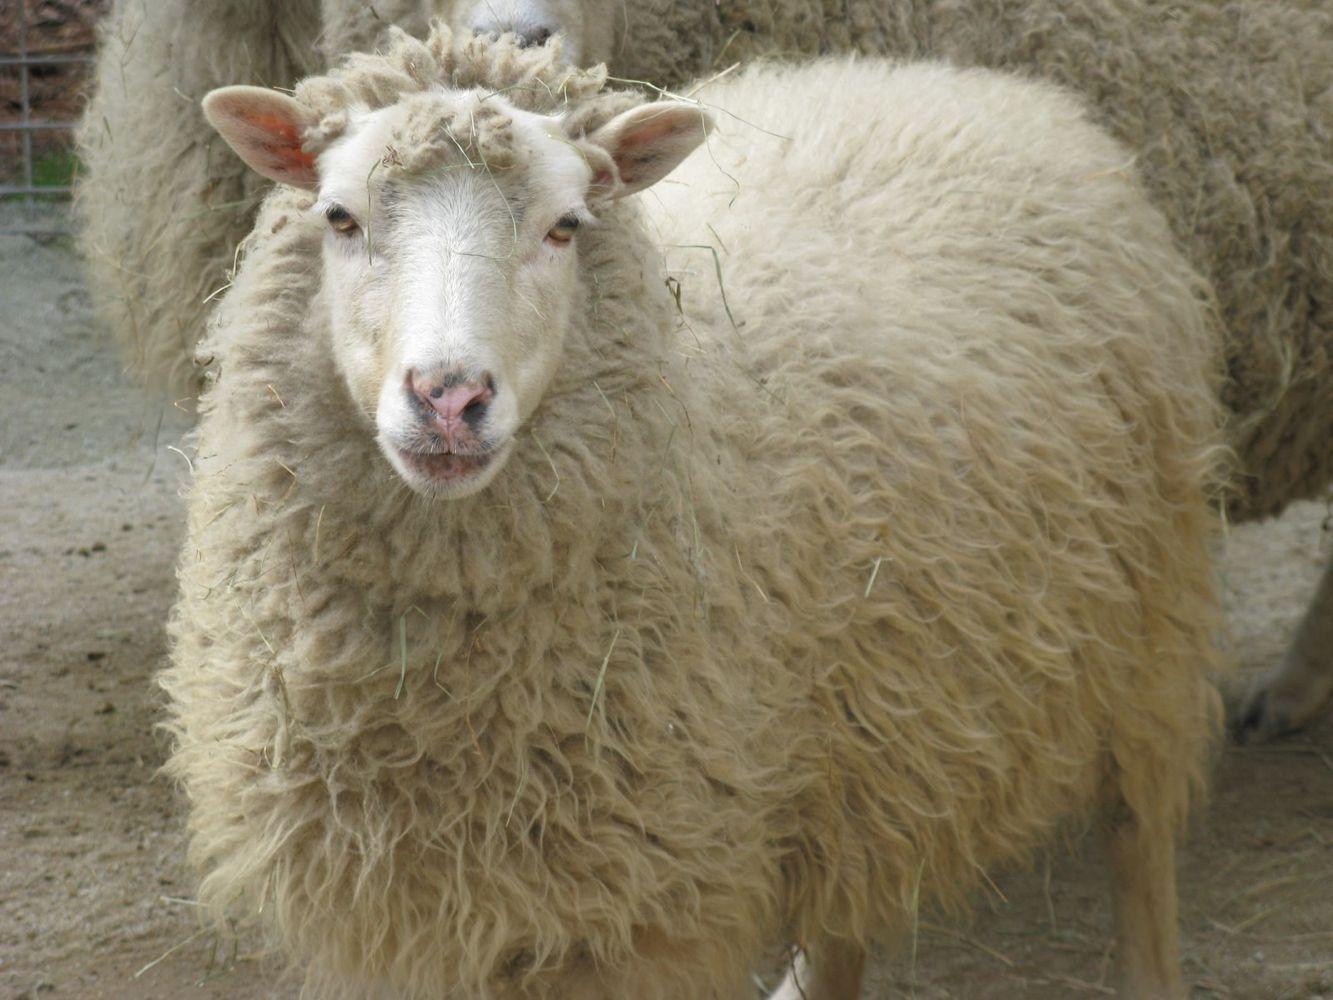 SheepBaja